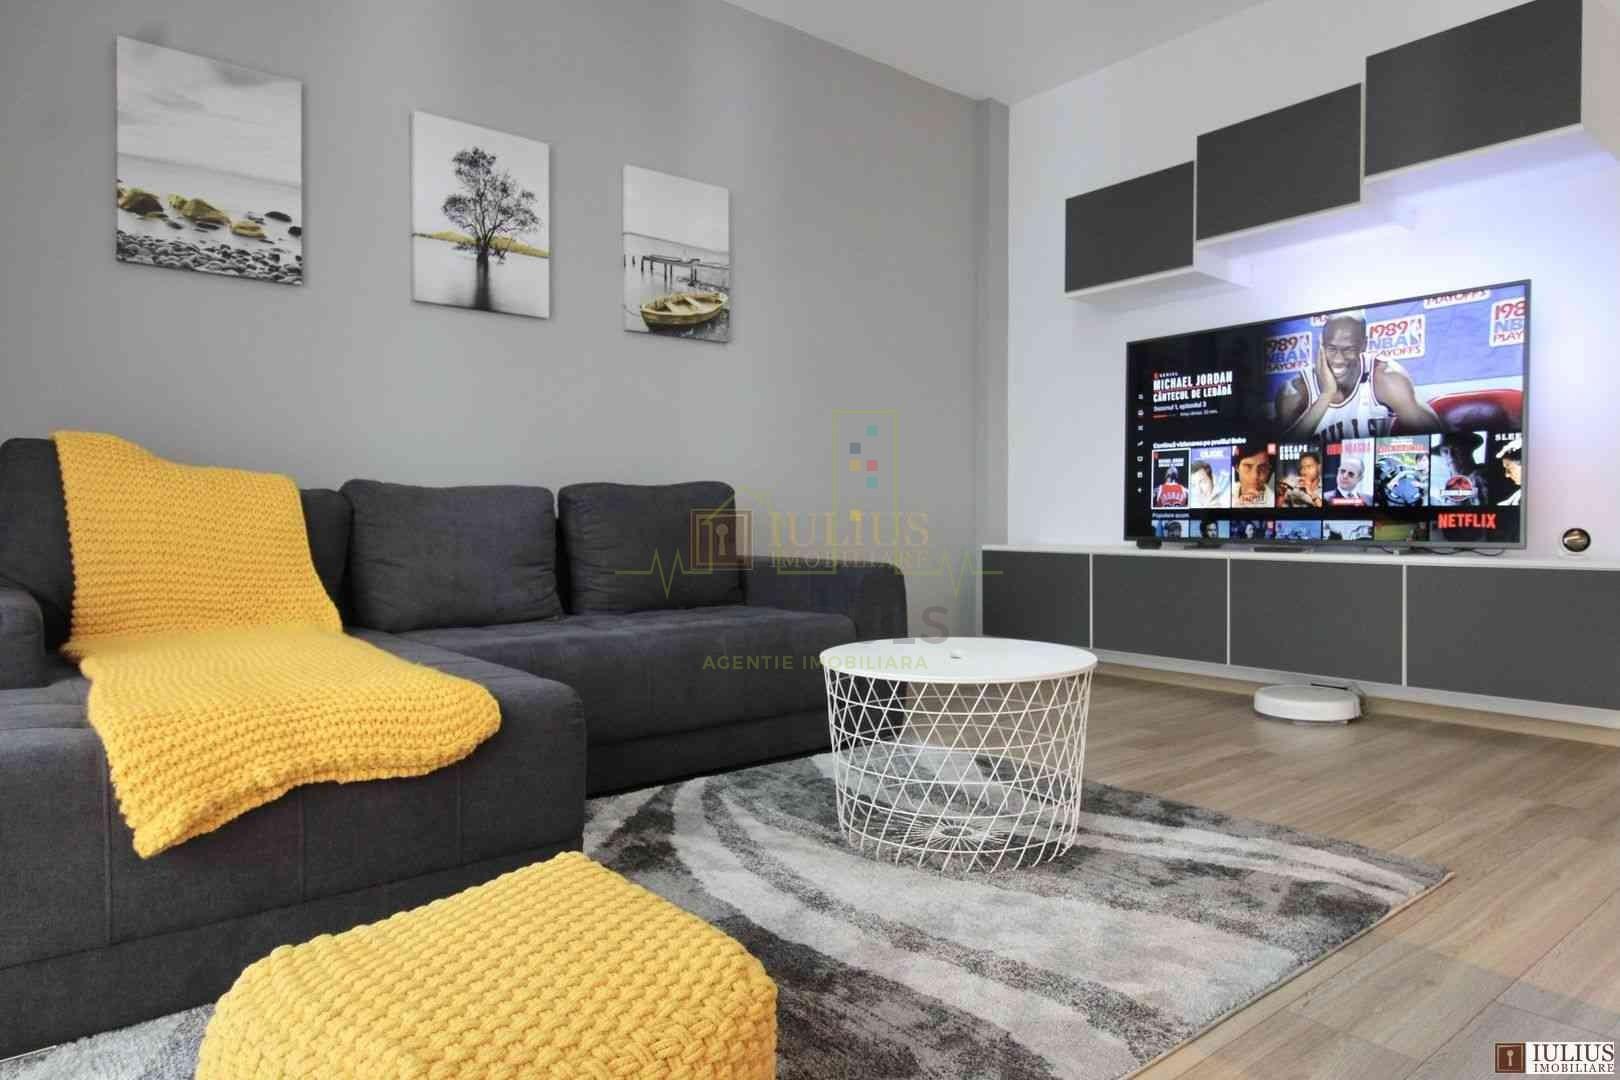 TV SMART, GOOGLE HOME, NETFLIX